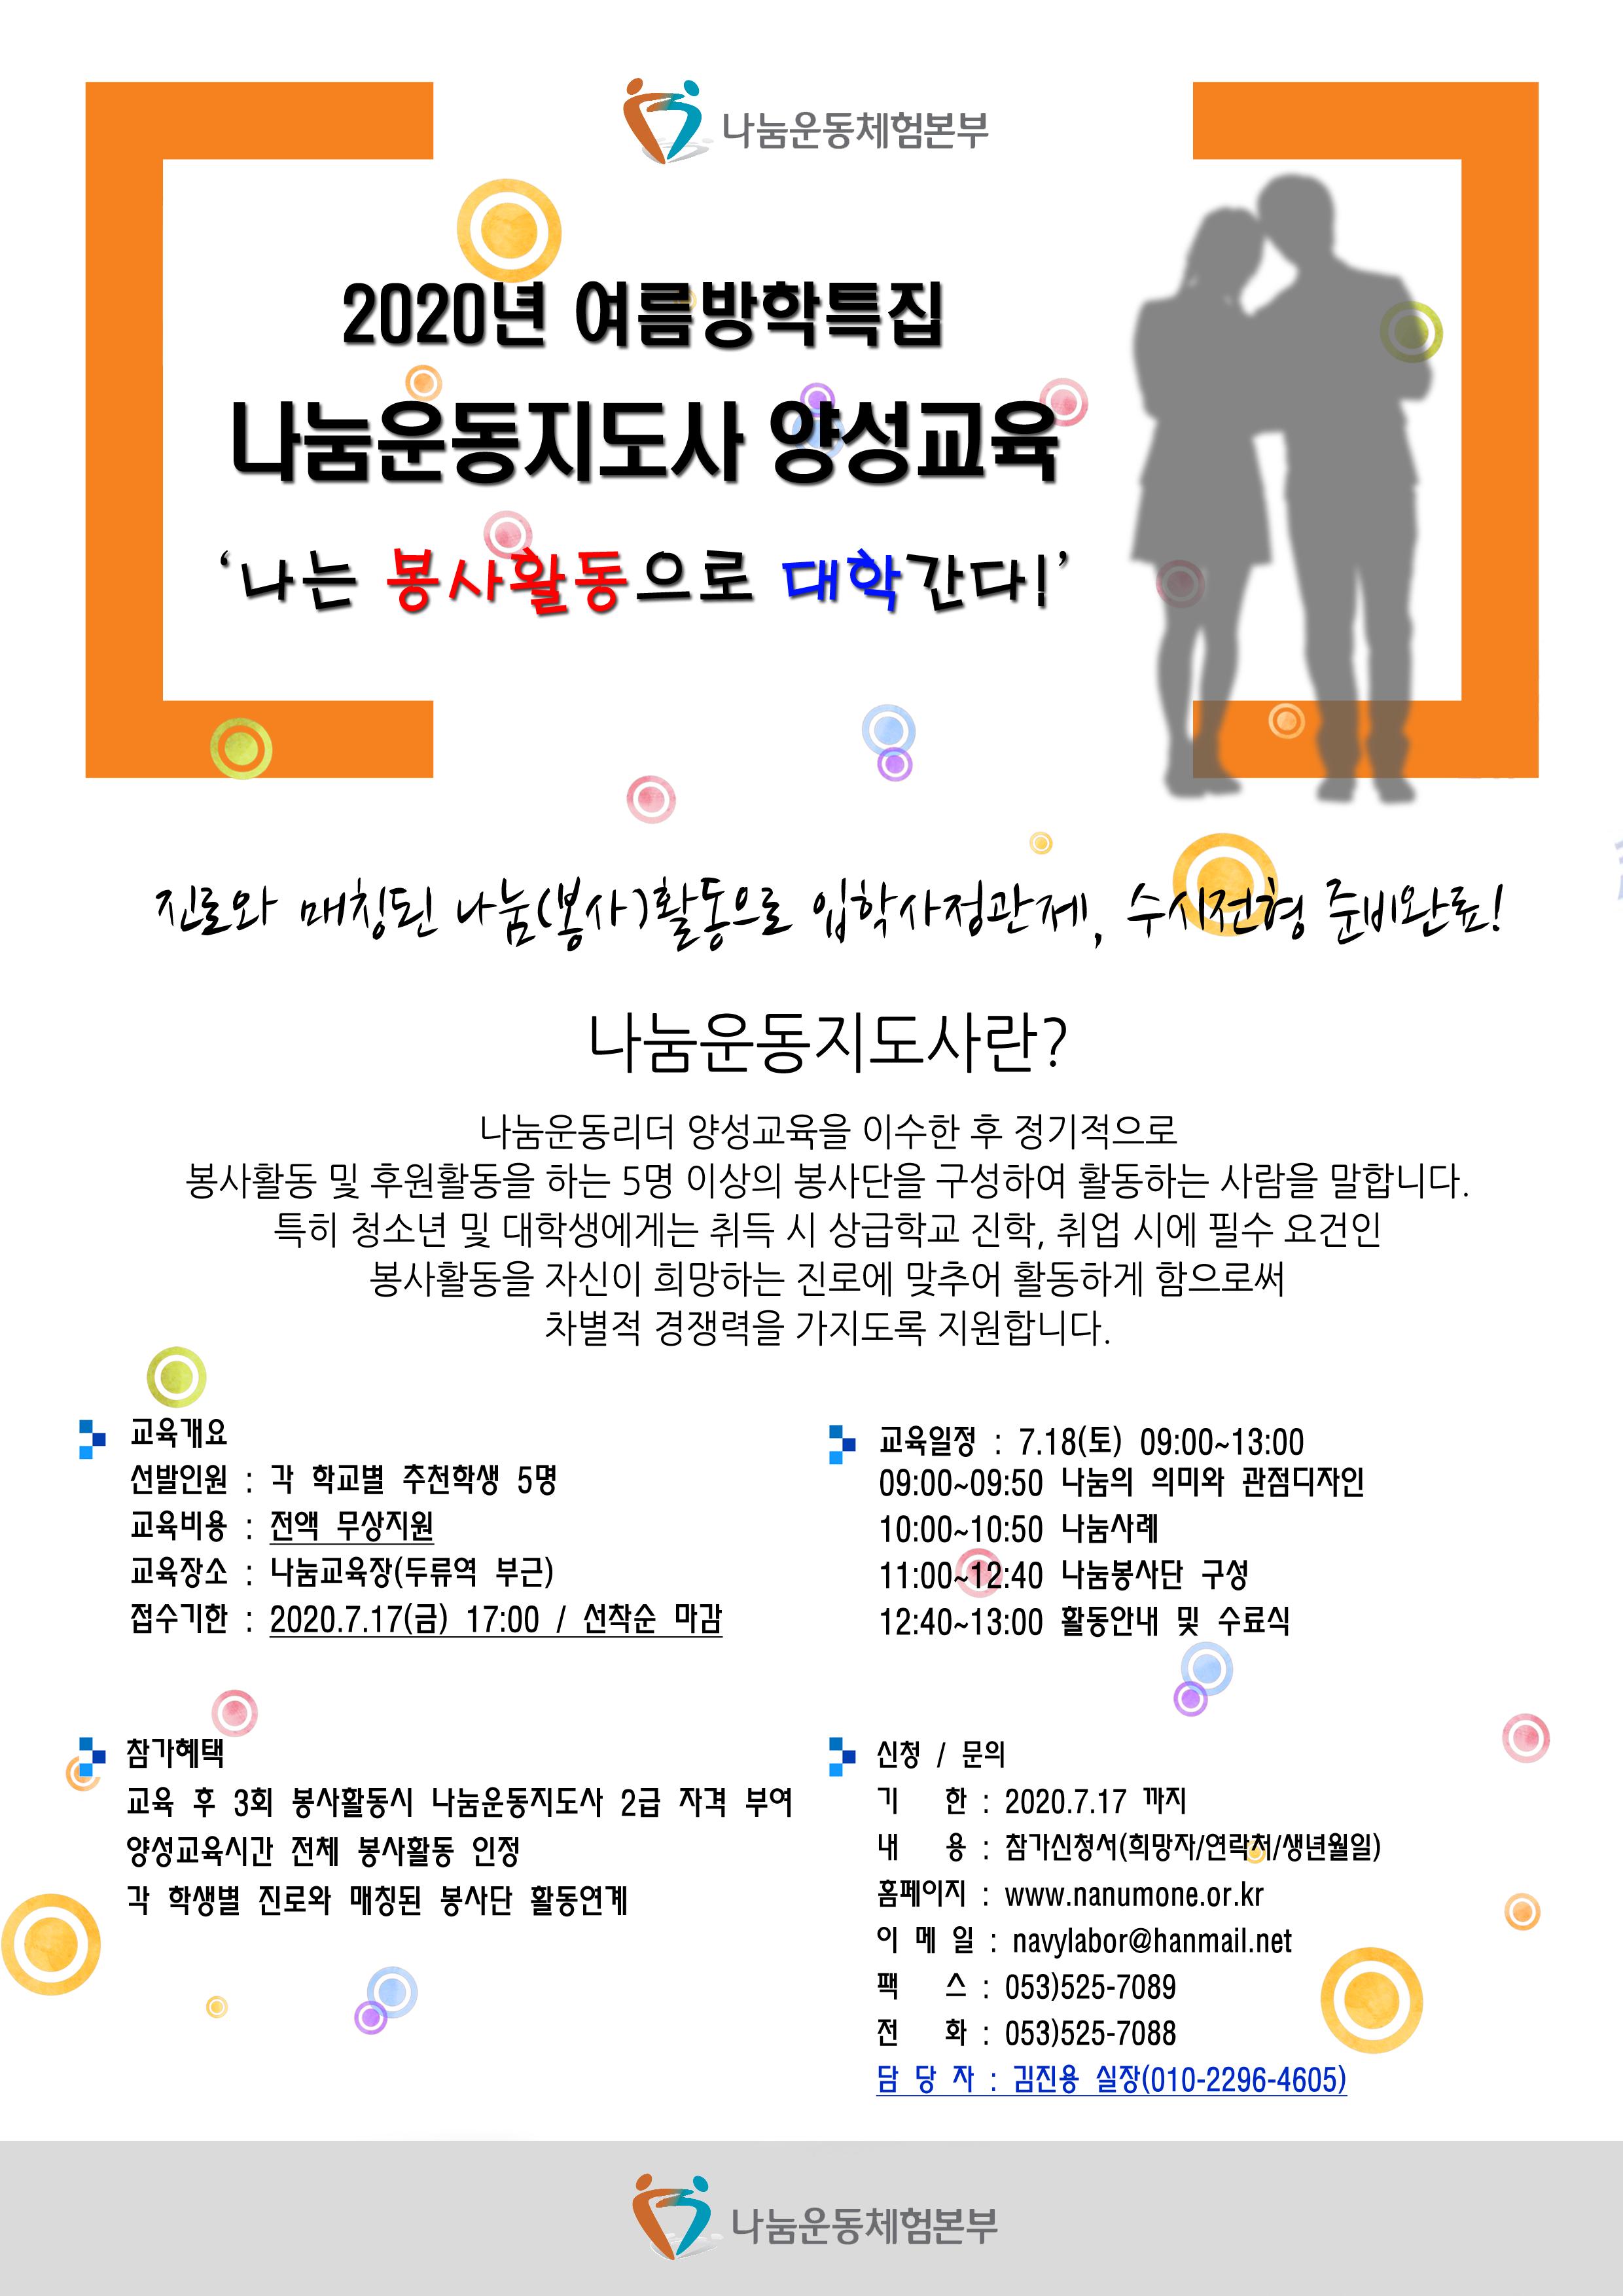 2020년여름방학 나눔운동지도사 교육 홍보 copy.png